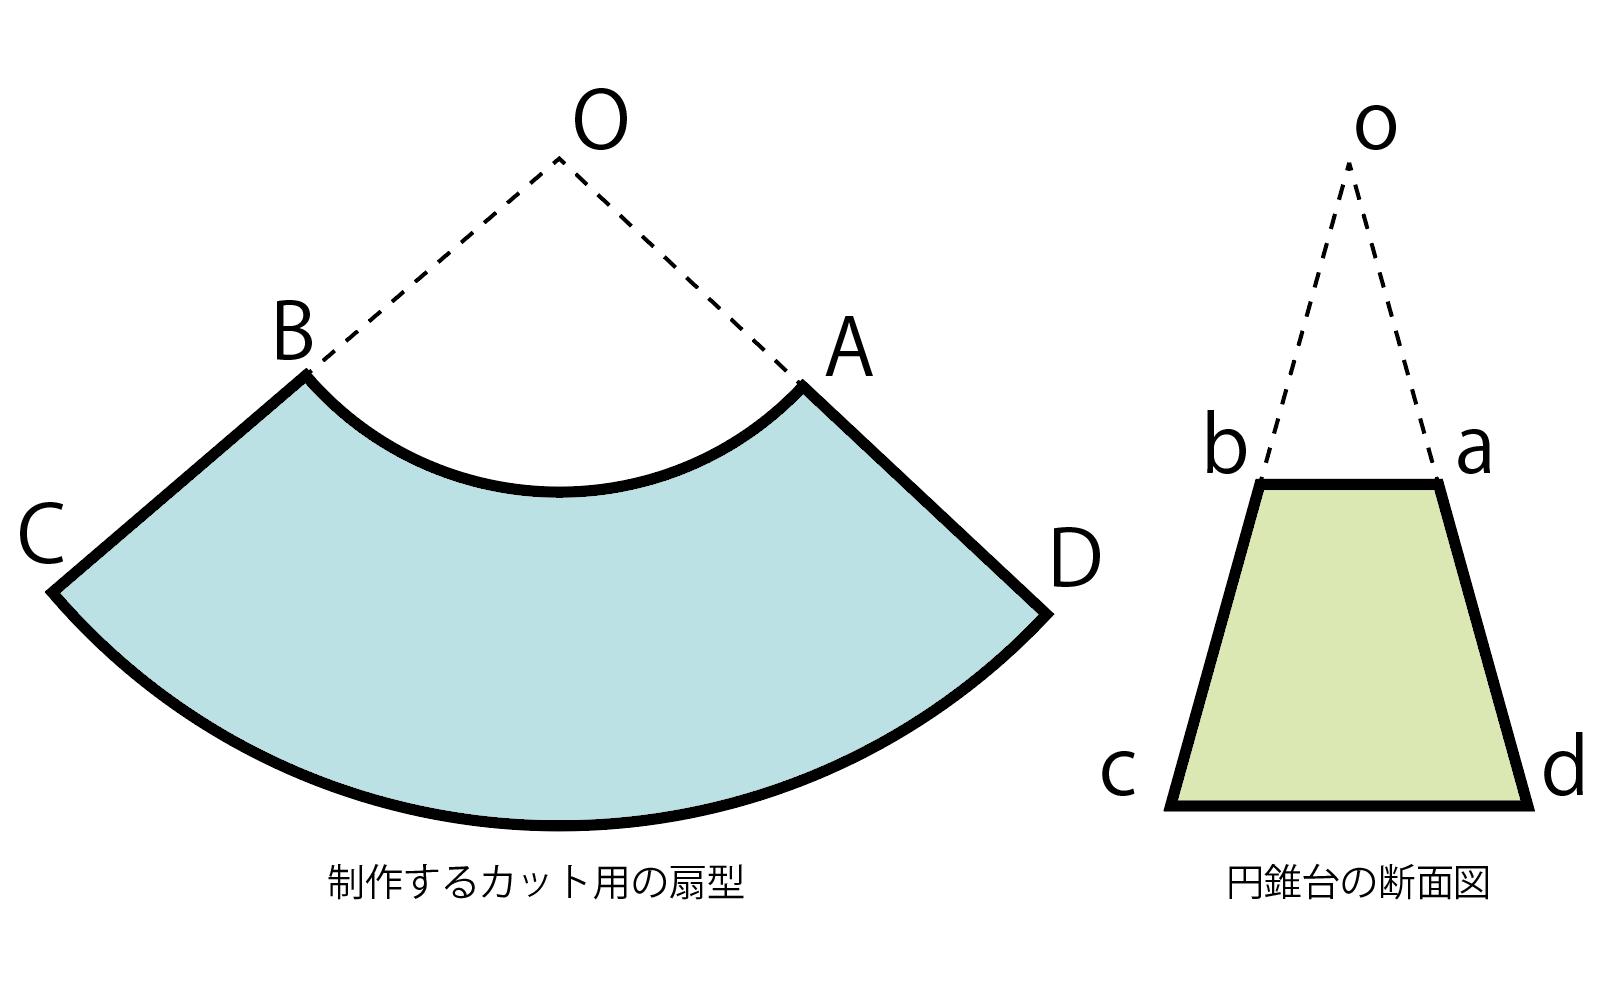 イラレ 円錐